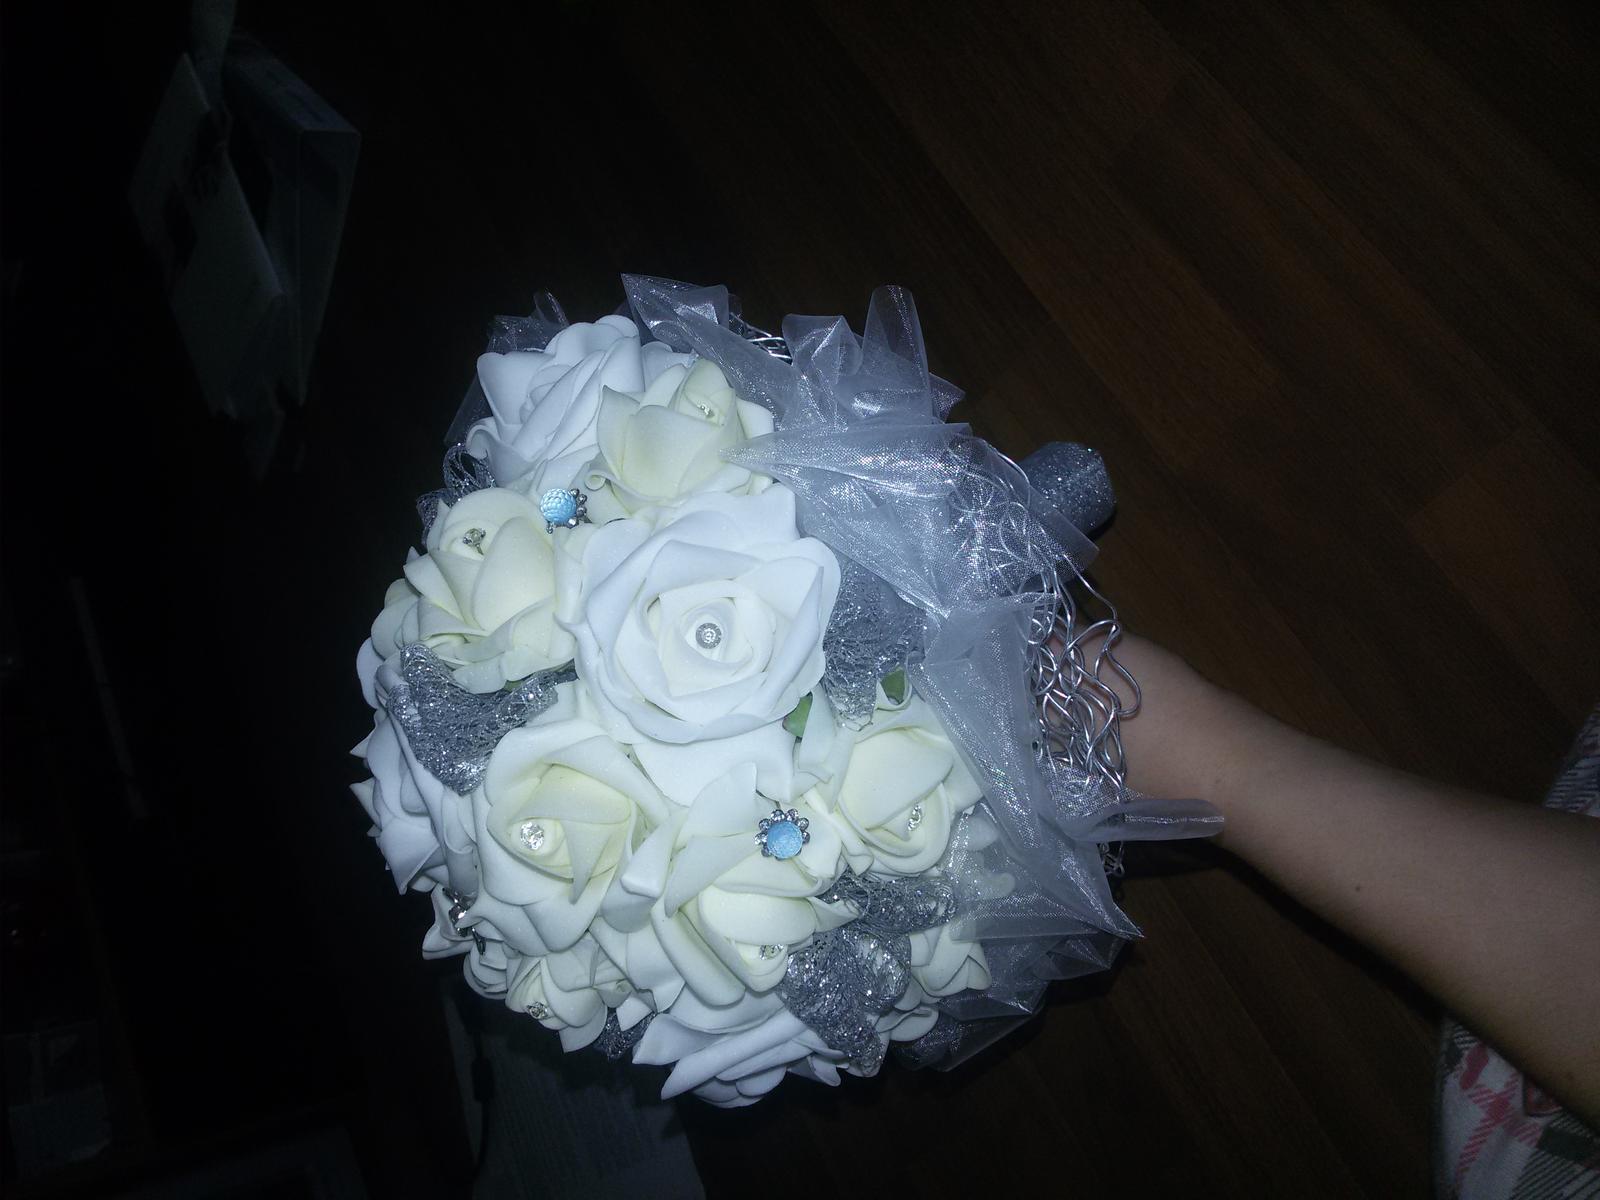 Dobry den, jednu svatebni... - Obrázek č. 1